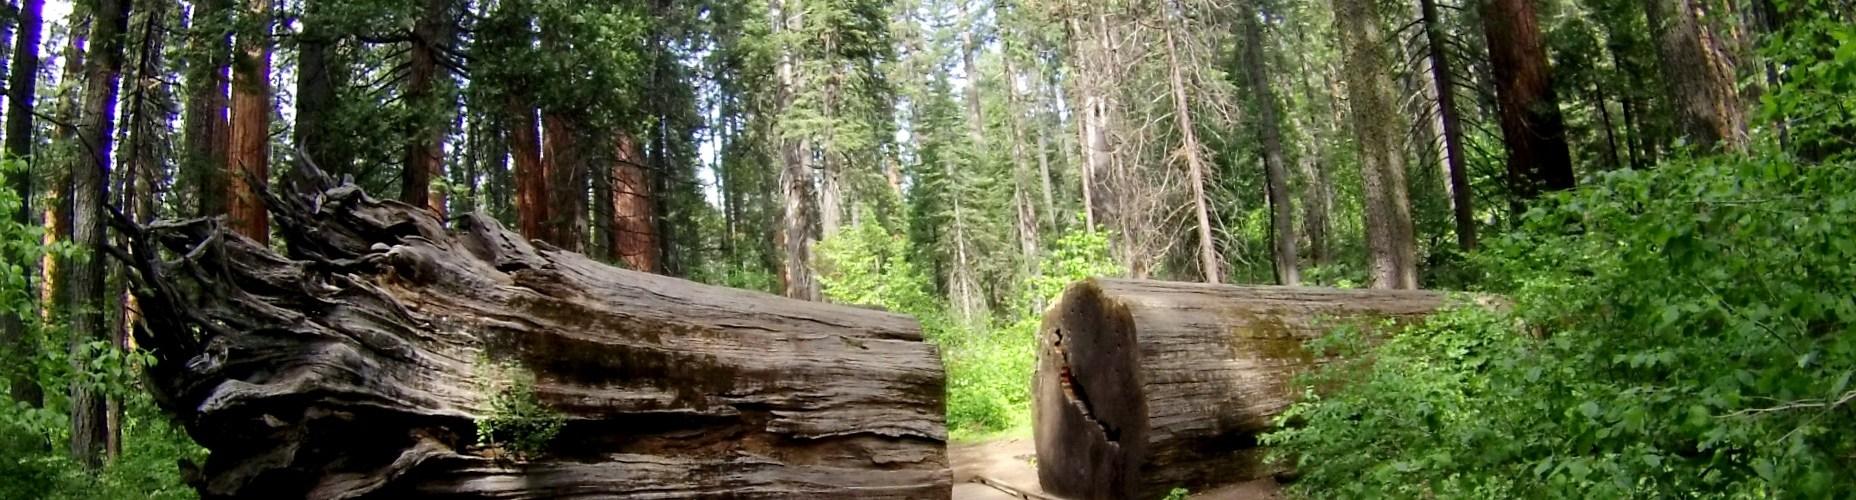 Calaveras Big trees park ca Trail